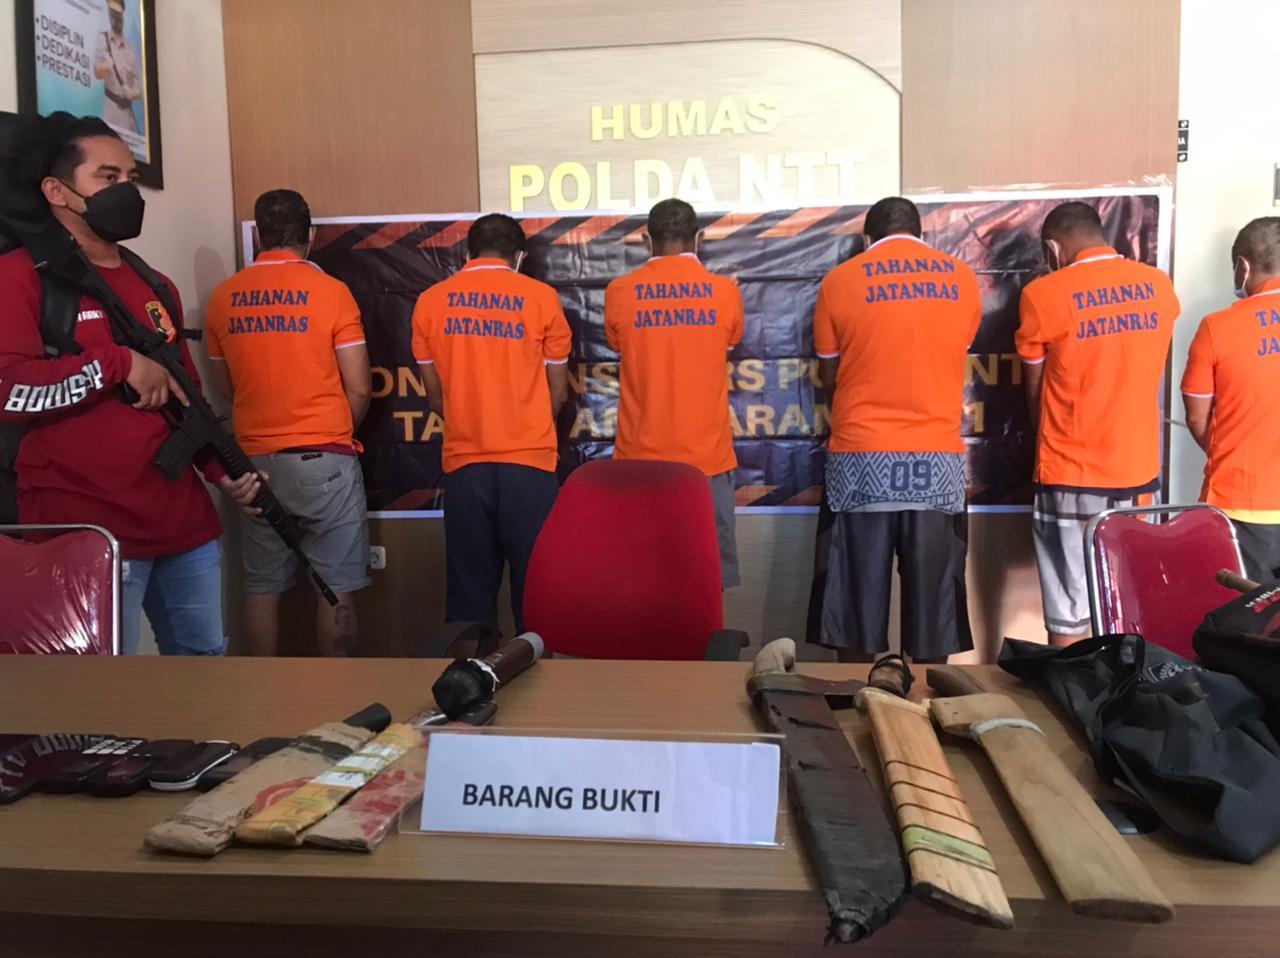 Modus Komplotan Pencuri Yang Libatkan Mantan Anggota Polisi di NTT: Potong Sapi Di Sawah, Kepala Tulang Ditinggal